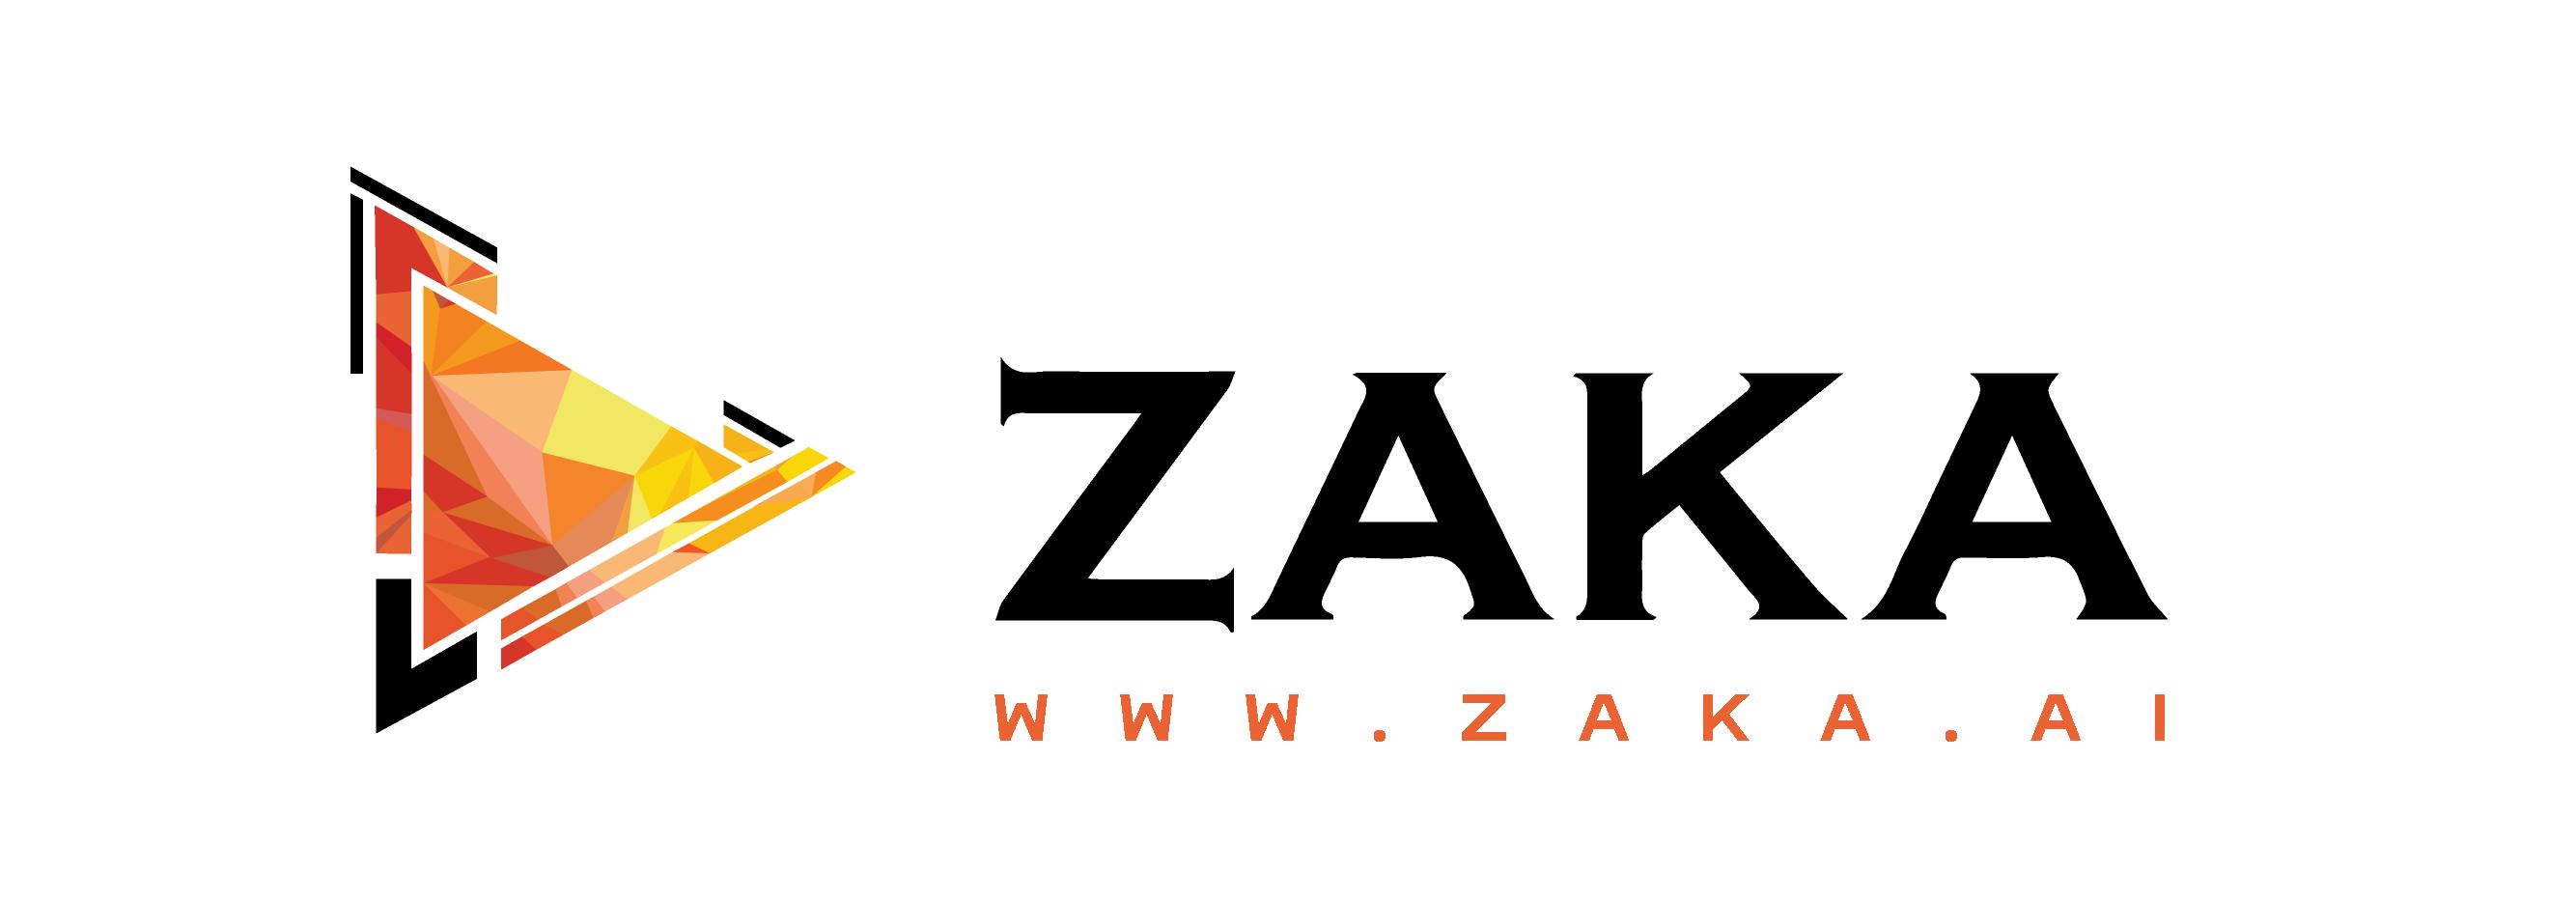 zaka-logo